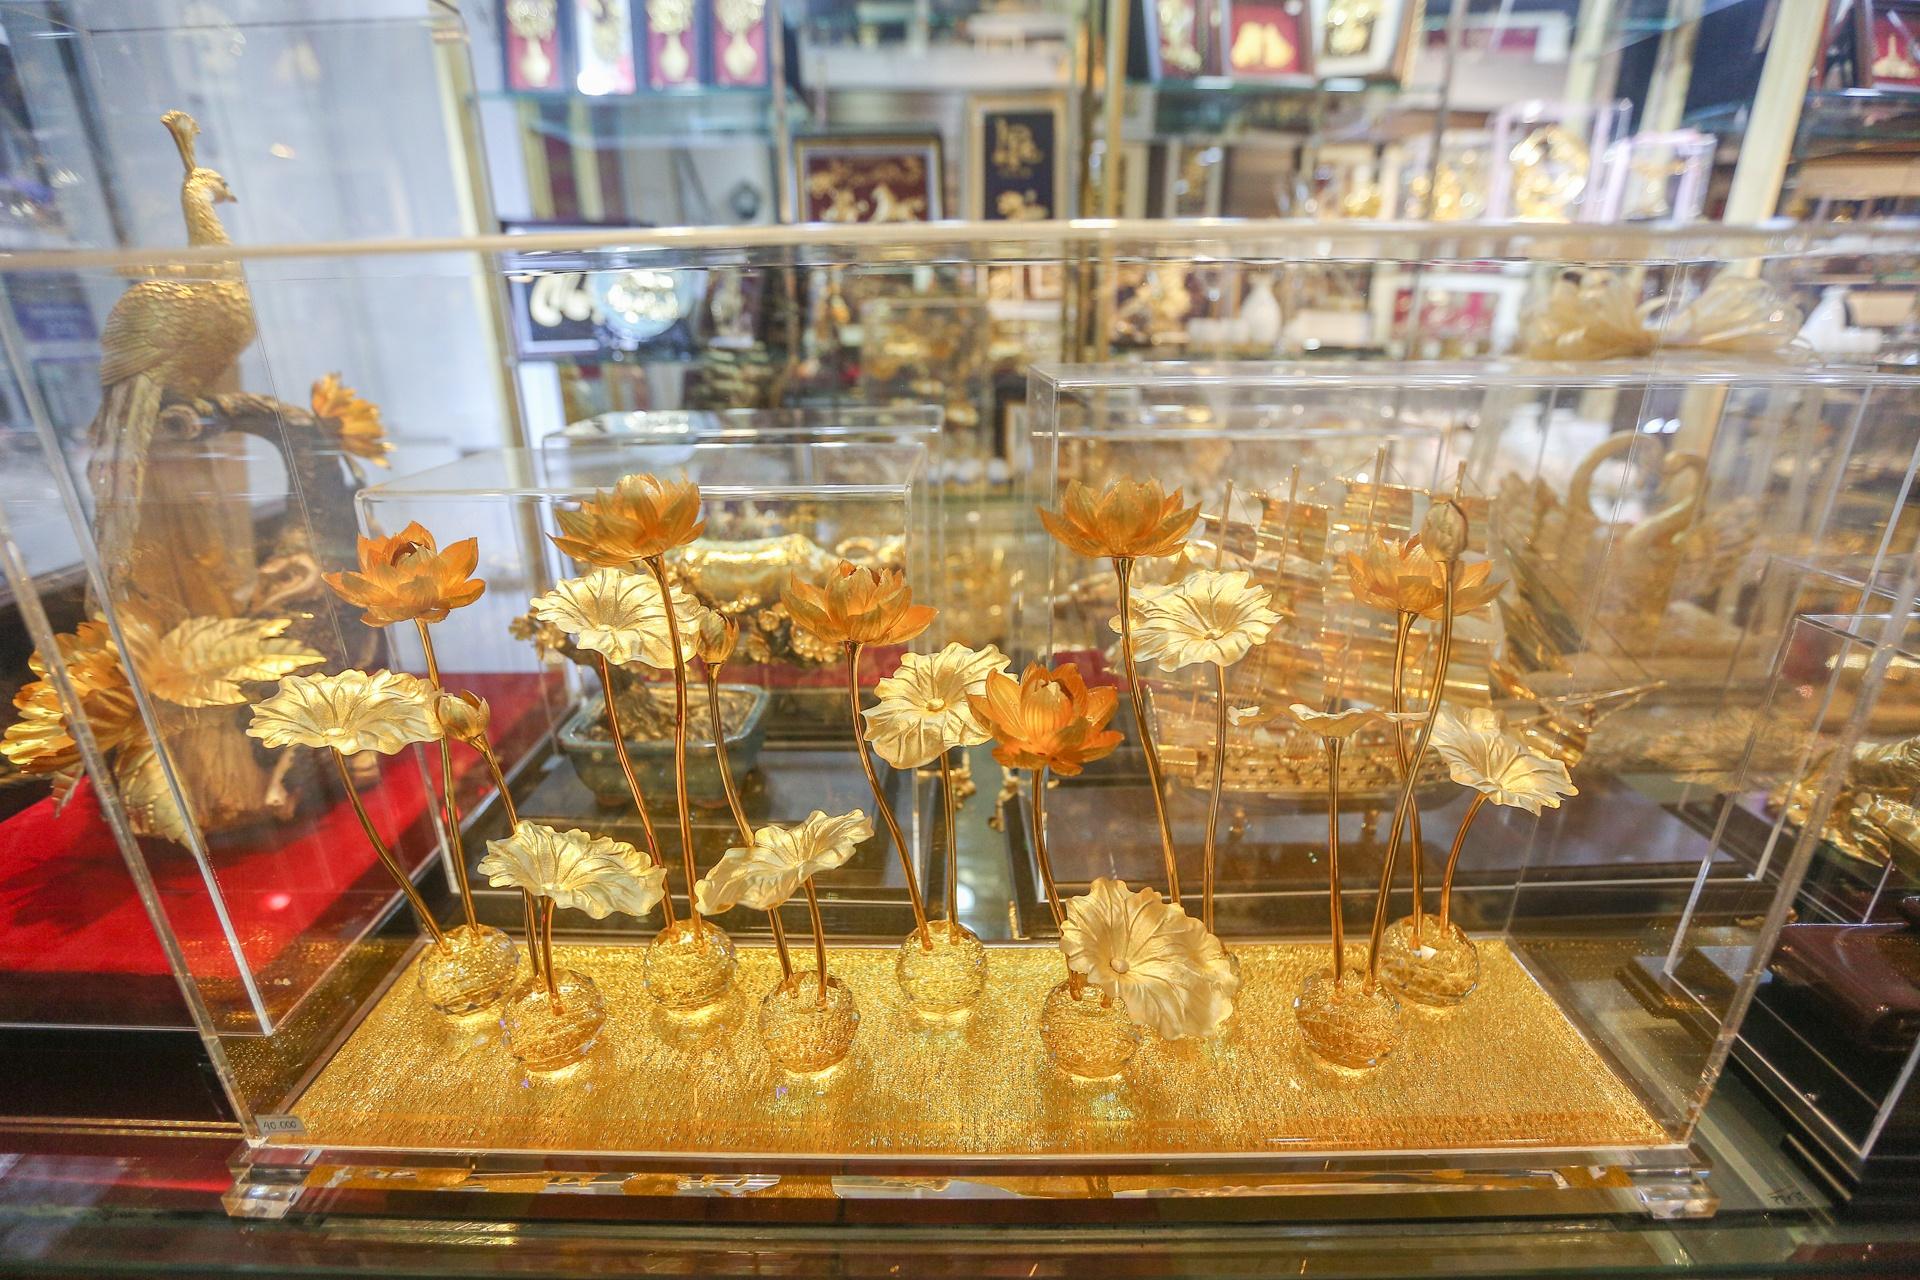 Hoa mạ vàng tiền triệu ngập tràn thị trường quà tặng ngày 8/3 - Ảnh 6.